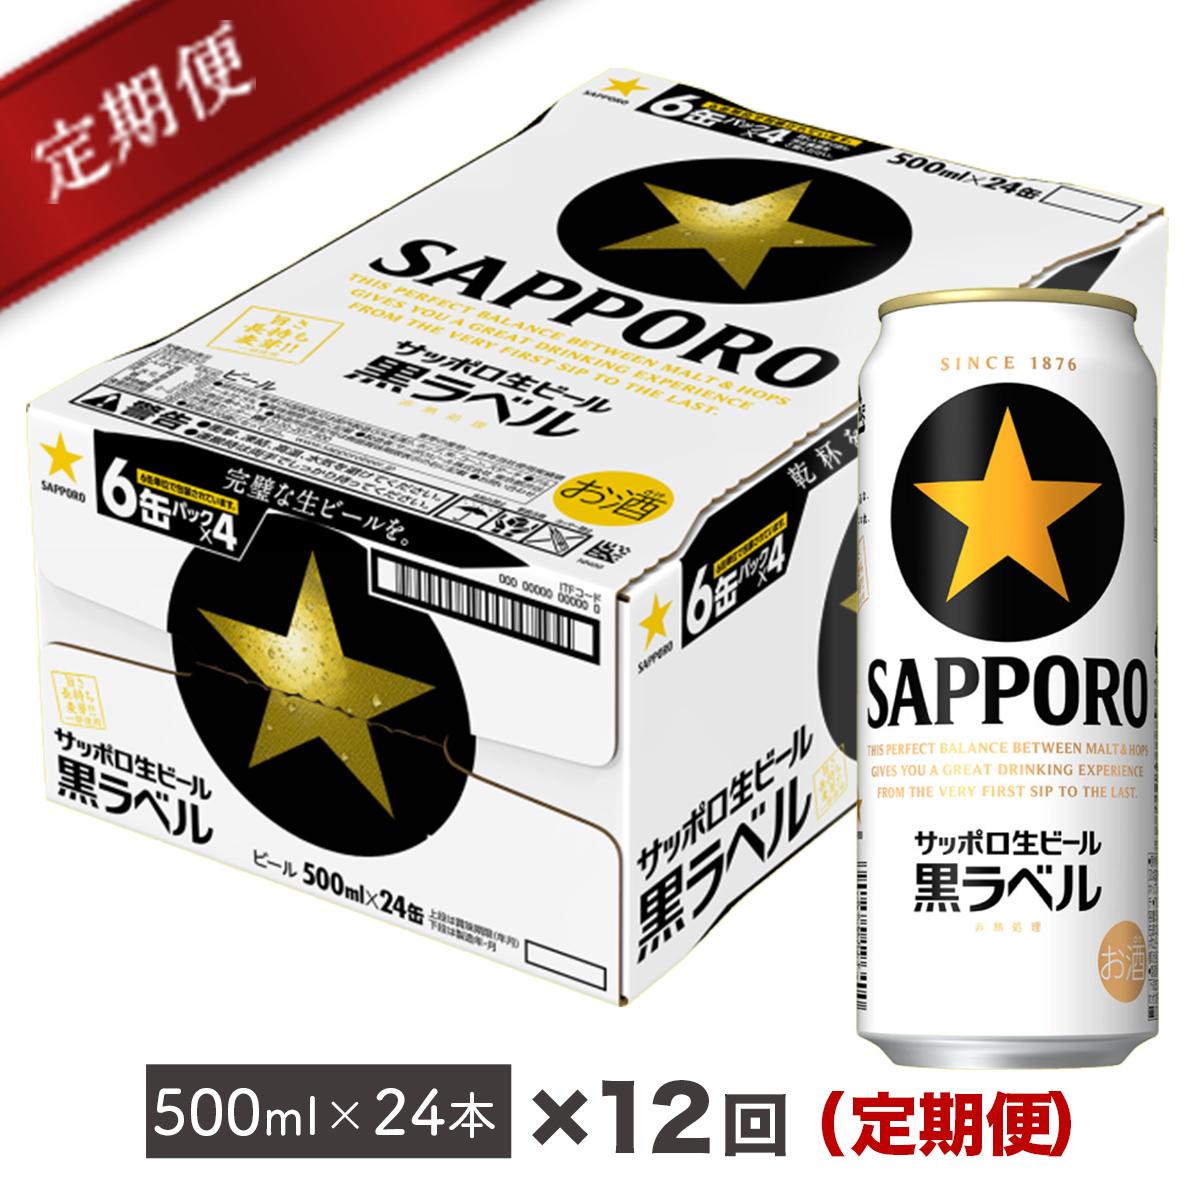 【ふるさと納税】地元名取産 サッポロビール黒ラベル 500ml缶×24本(1ケース)を12回お届け